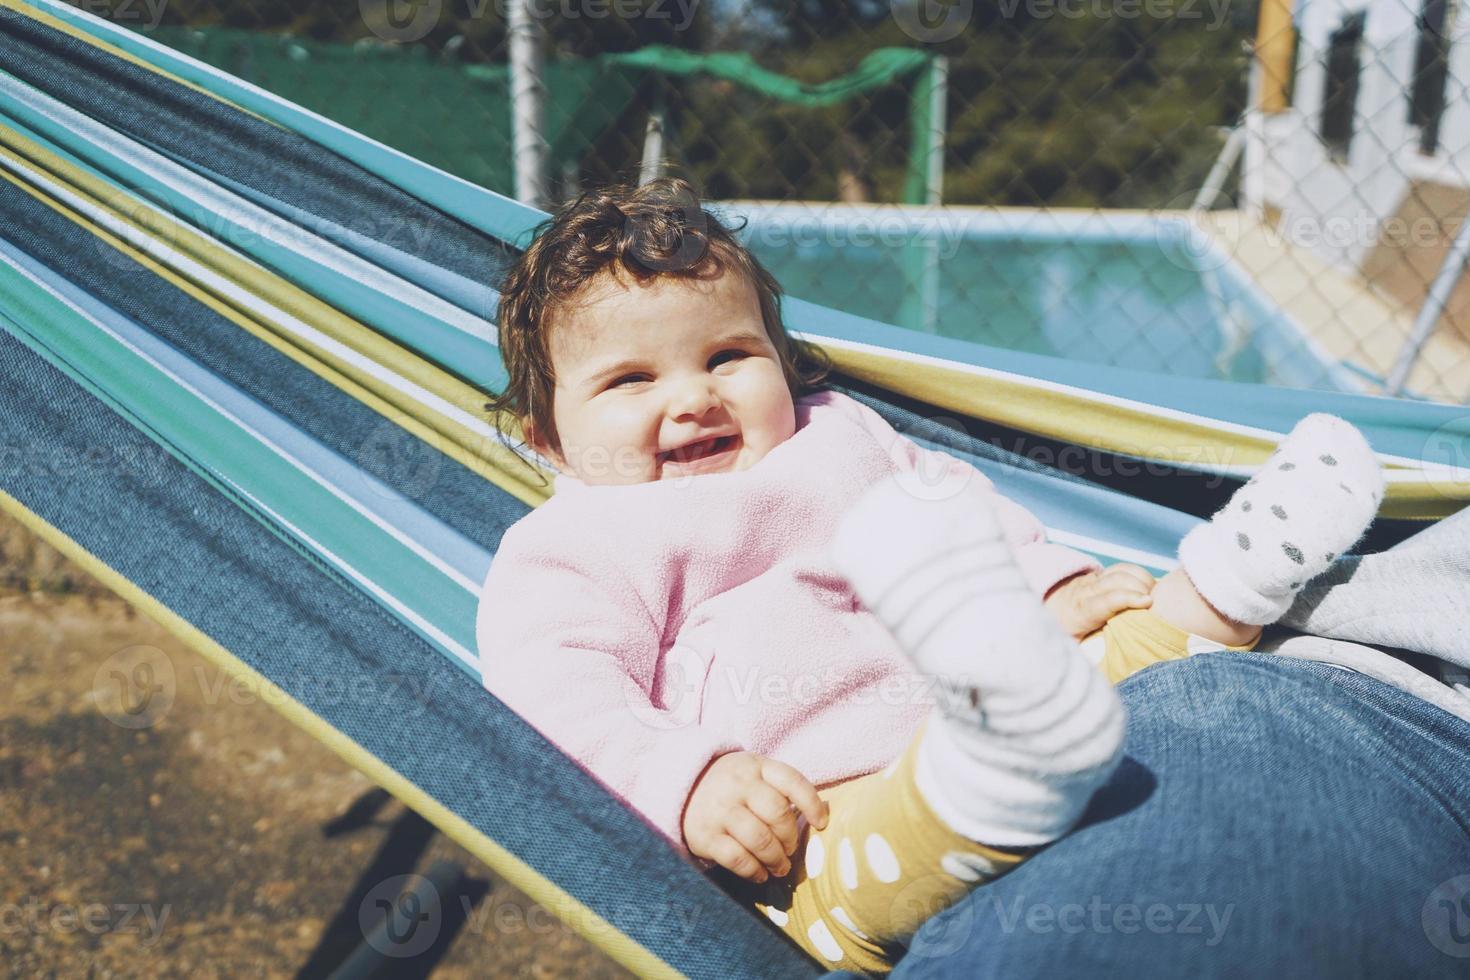 petit bébé s'amusant sur un hamac par une journée ensoleillée photo